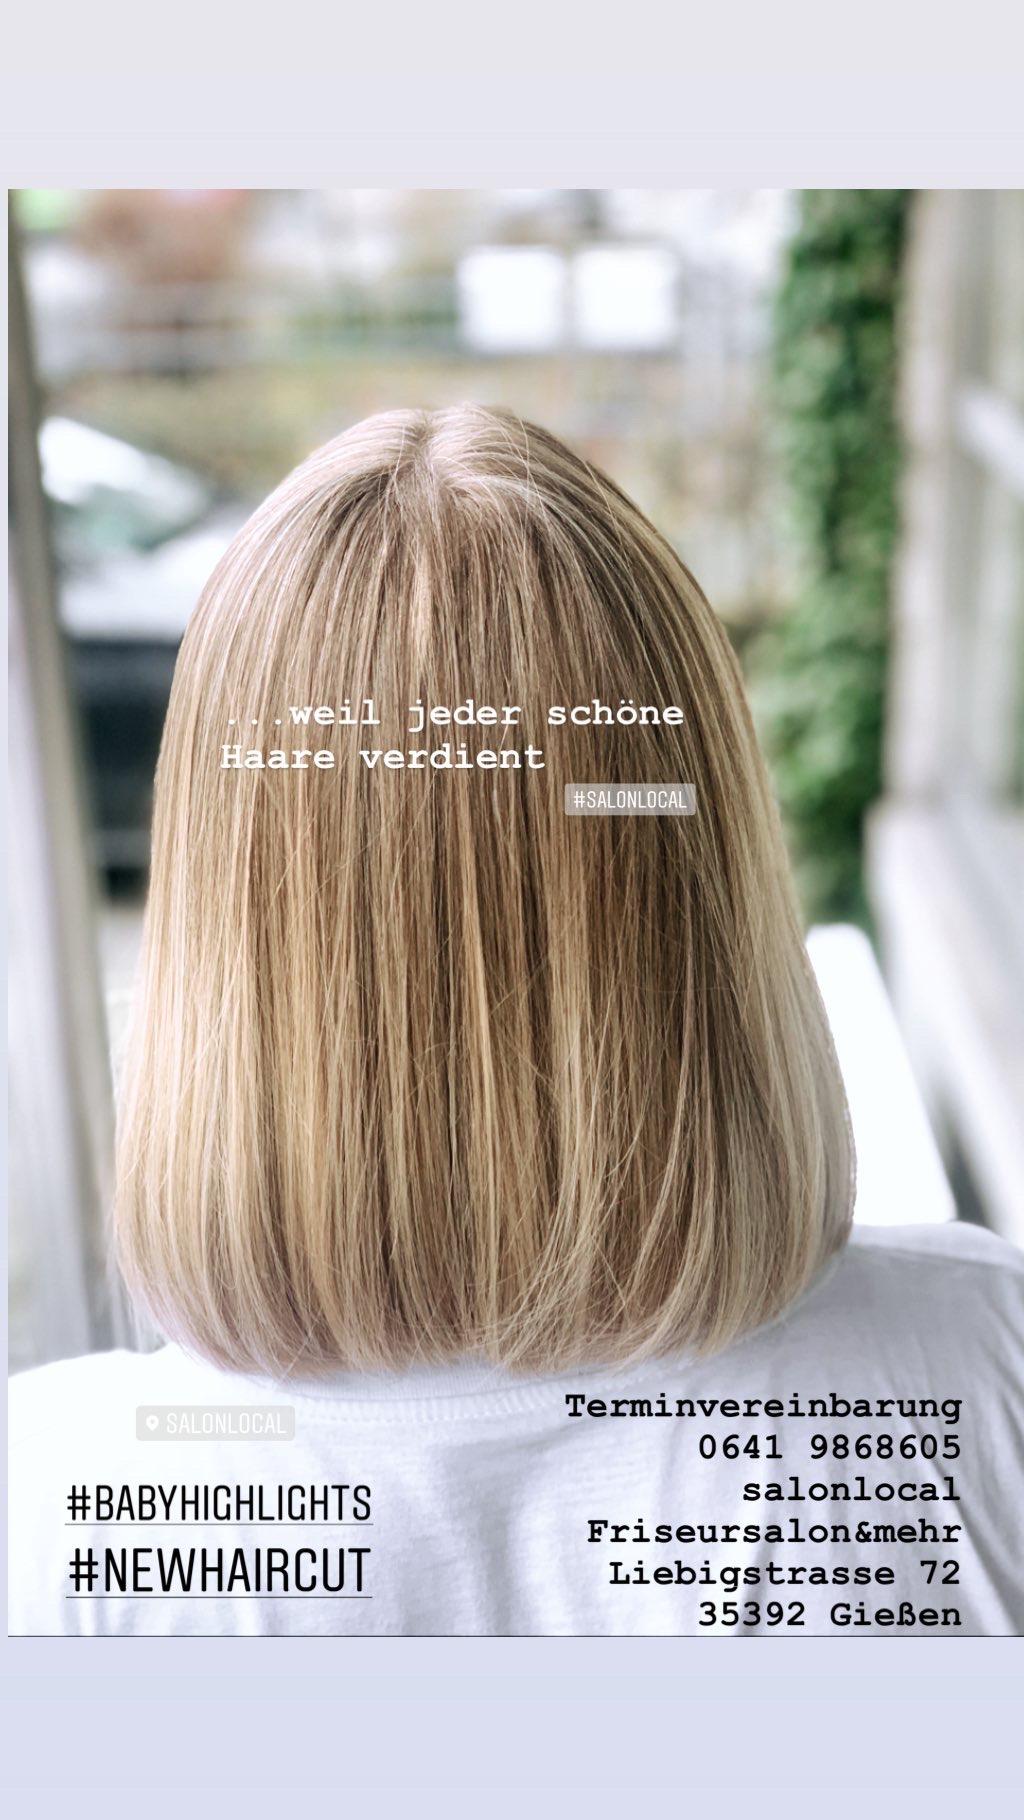 ...weil jeder schone Haare verdient #salonlocal - salonlocal Friseursalon & mehr Gießen